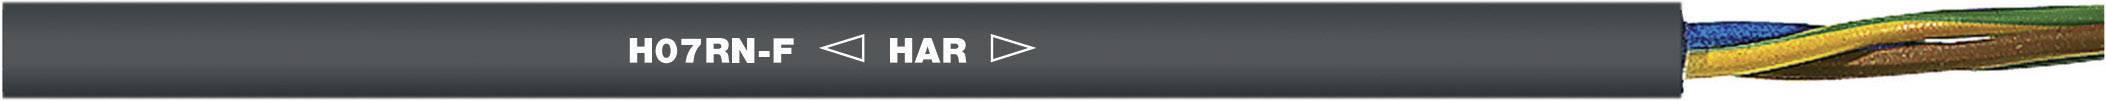 Připojovací kabel H07RN-F 2 x 6 mm² černá LAPP 1600095 metrové zboží